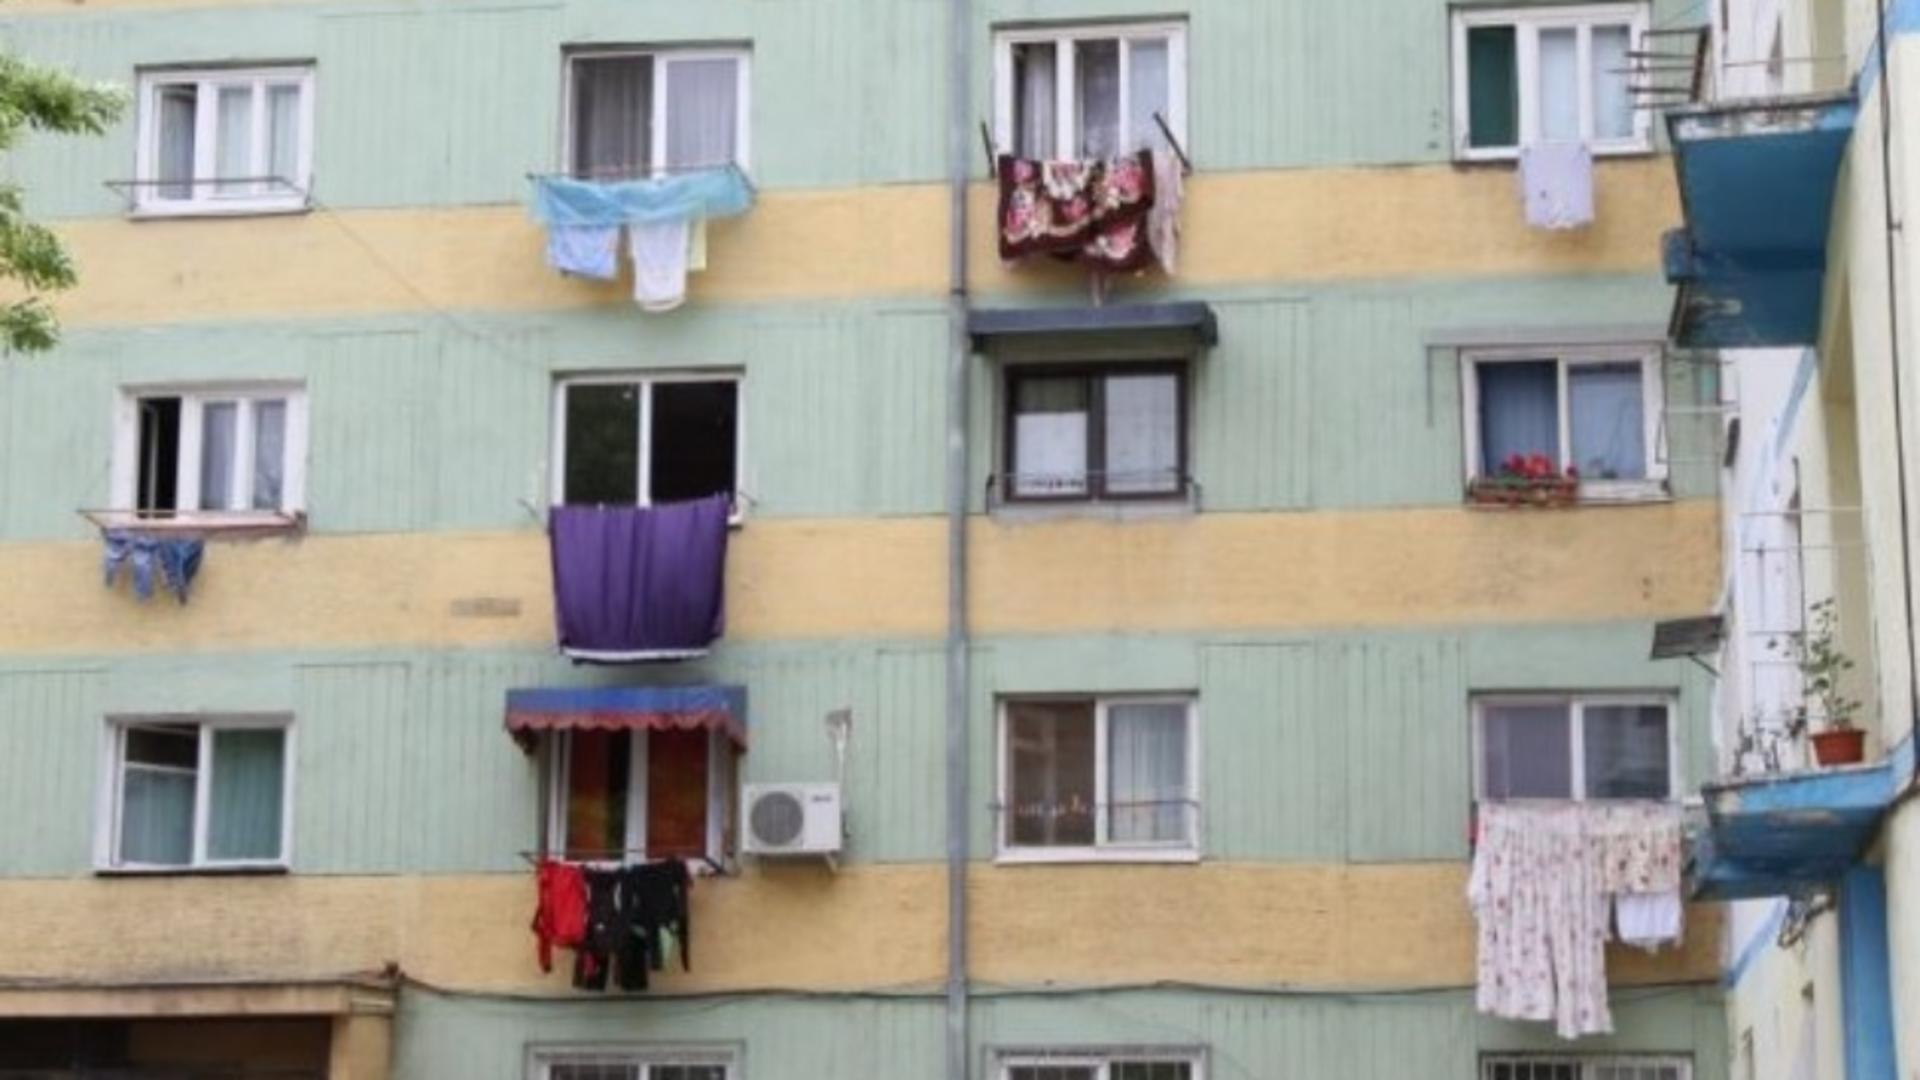 La Constanța, cine își usucă hainele în exteriorul blocului va fi amendat cu 1.000 de lei